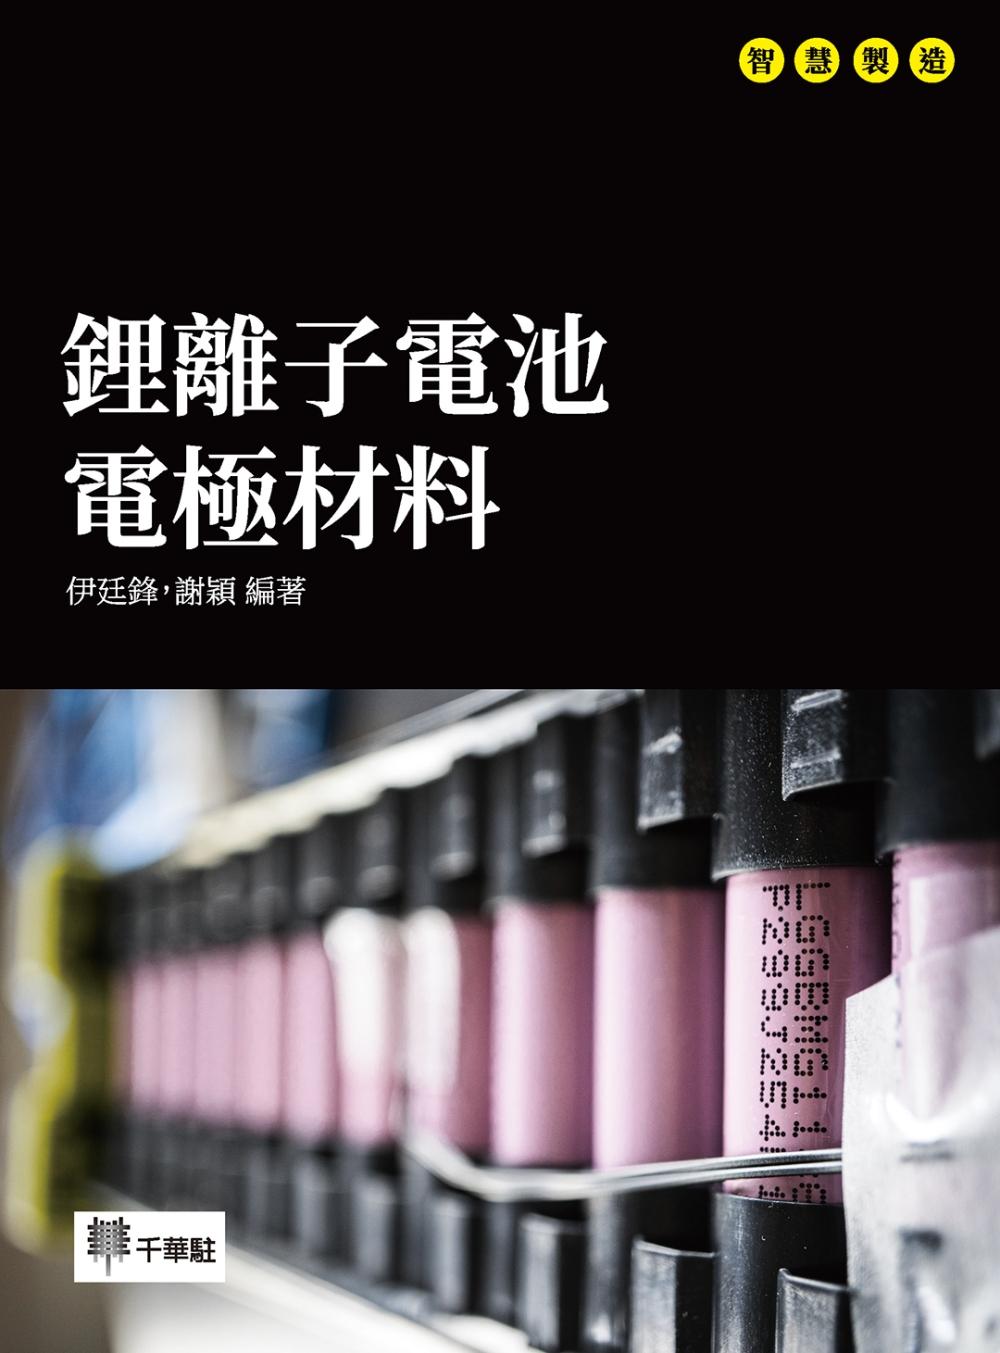 鋰離子電池電極材料(限台灣)